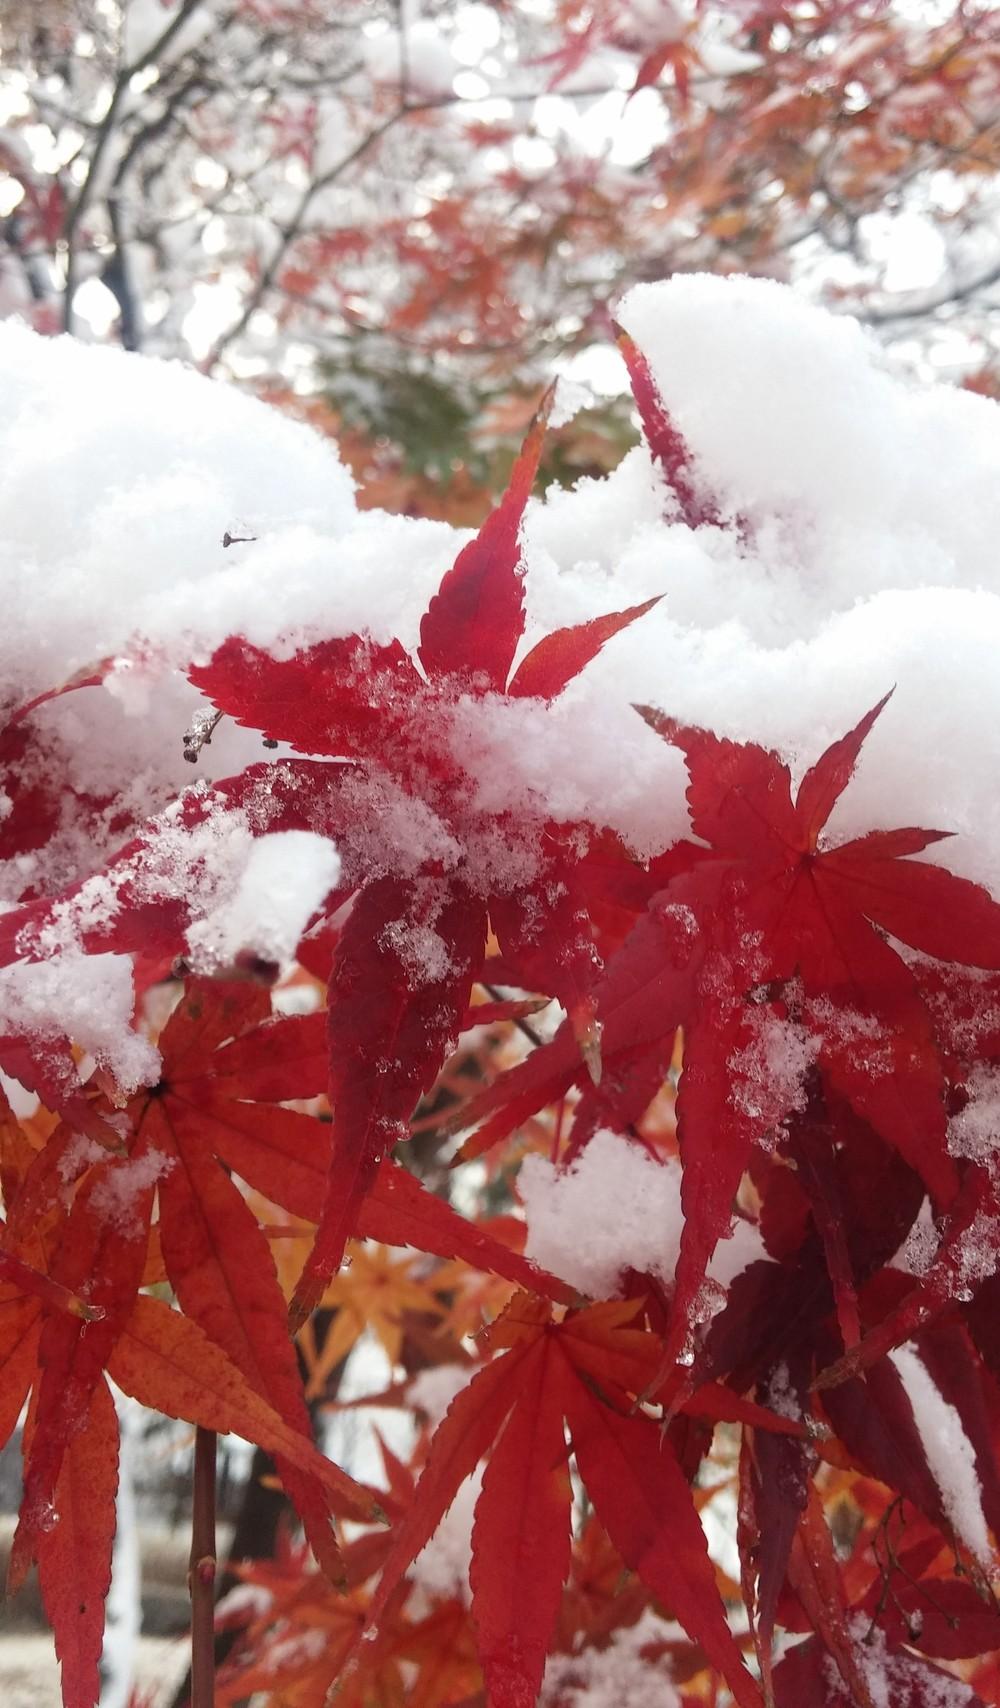 가을의 끝자락에 시작된 올겨울 첫눈